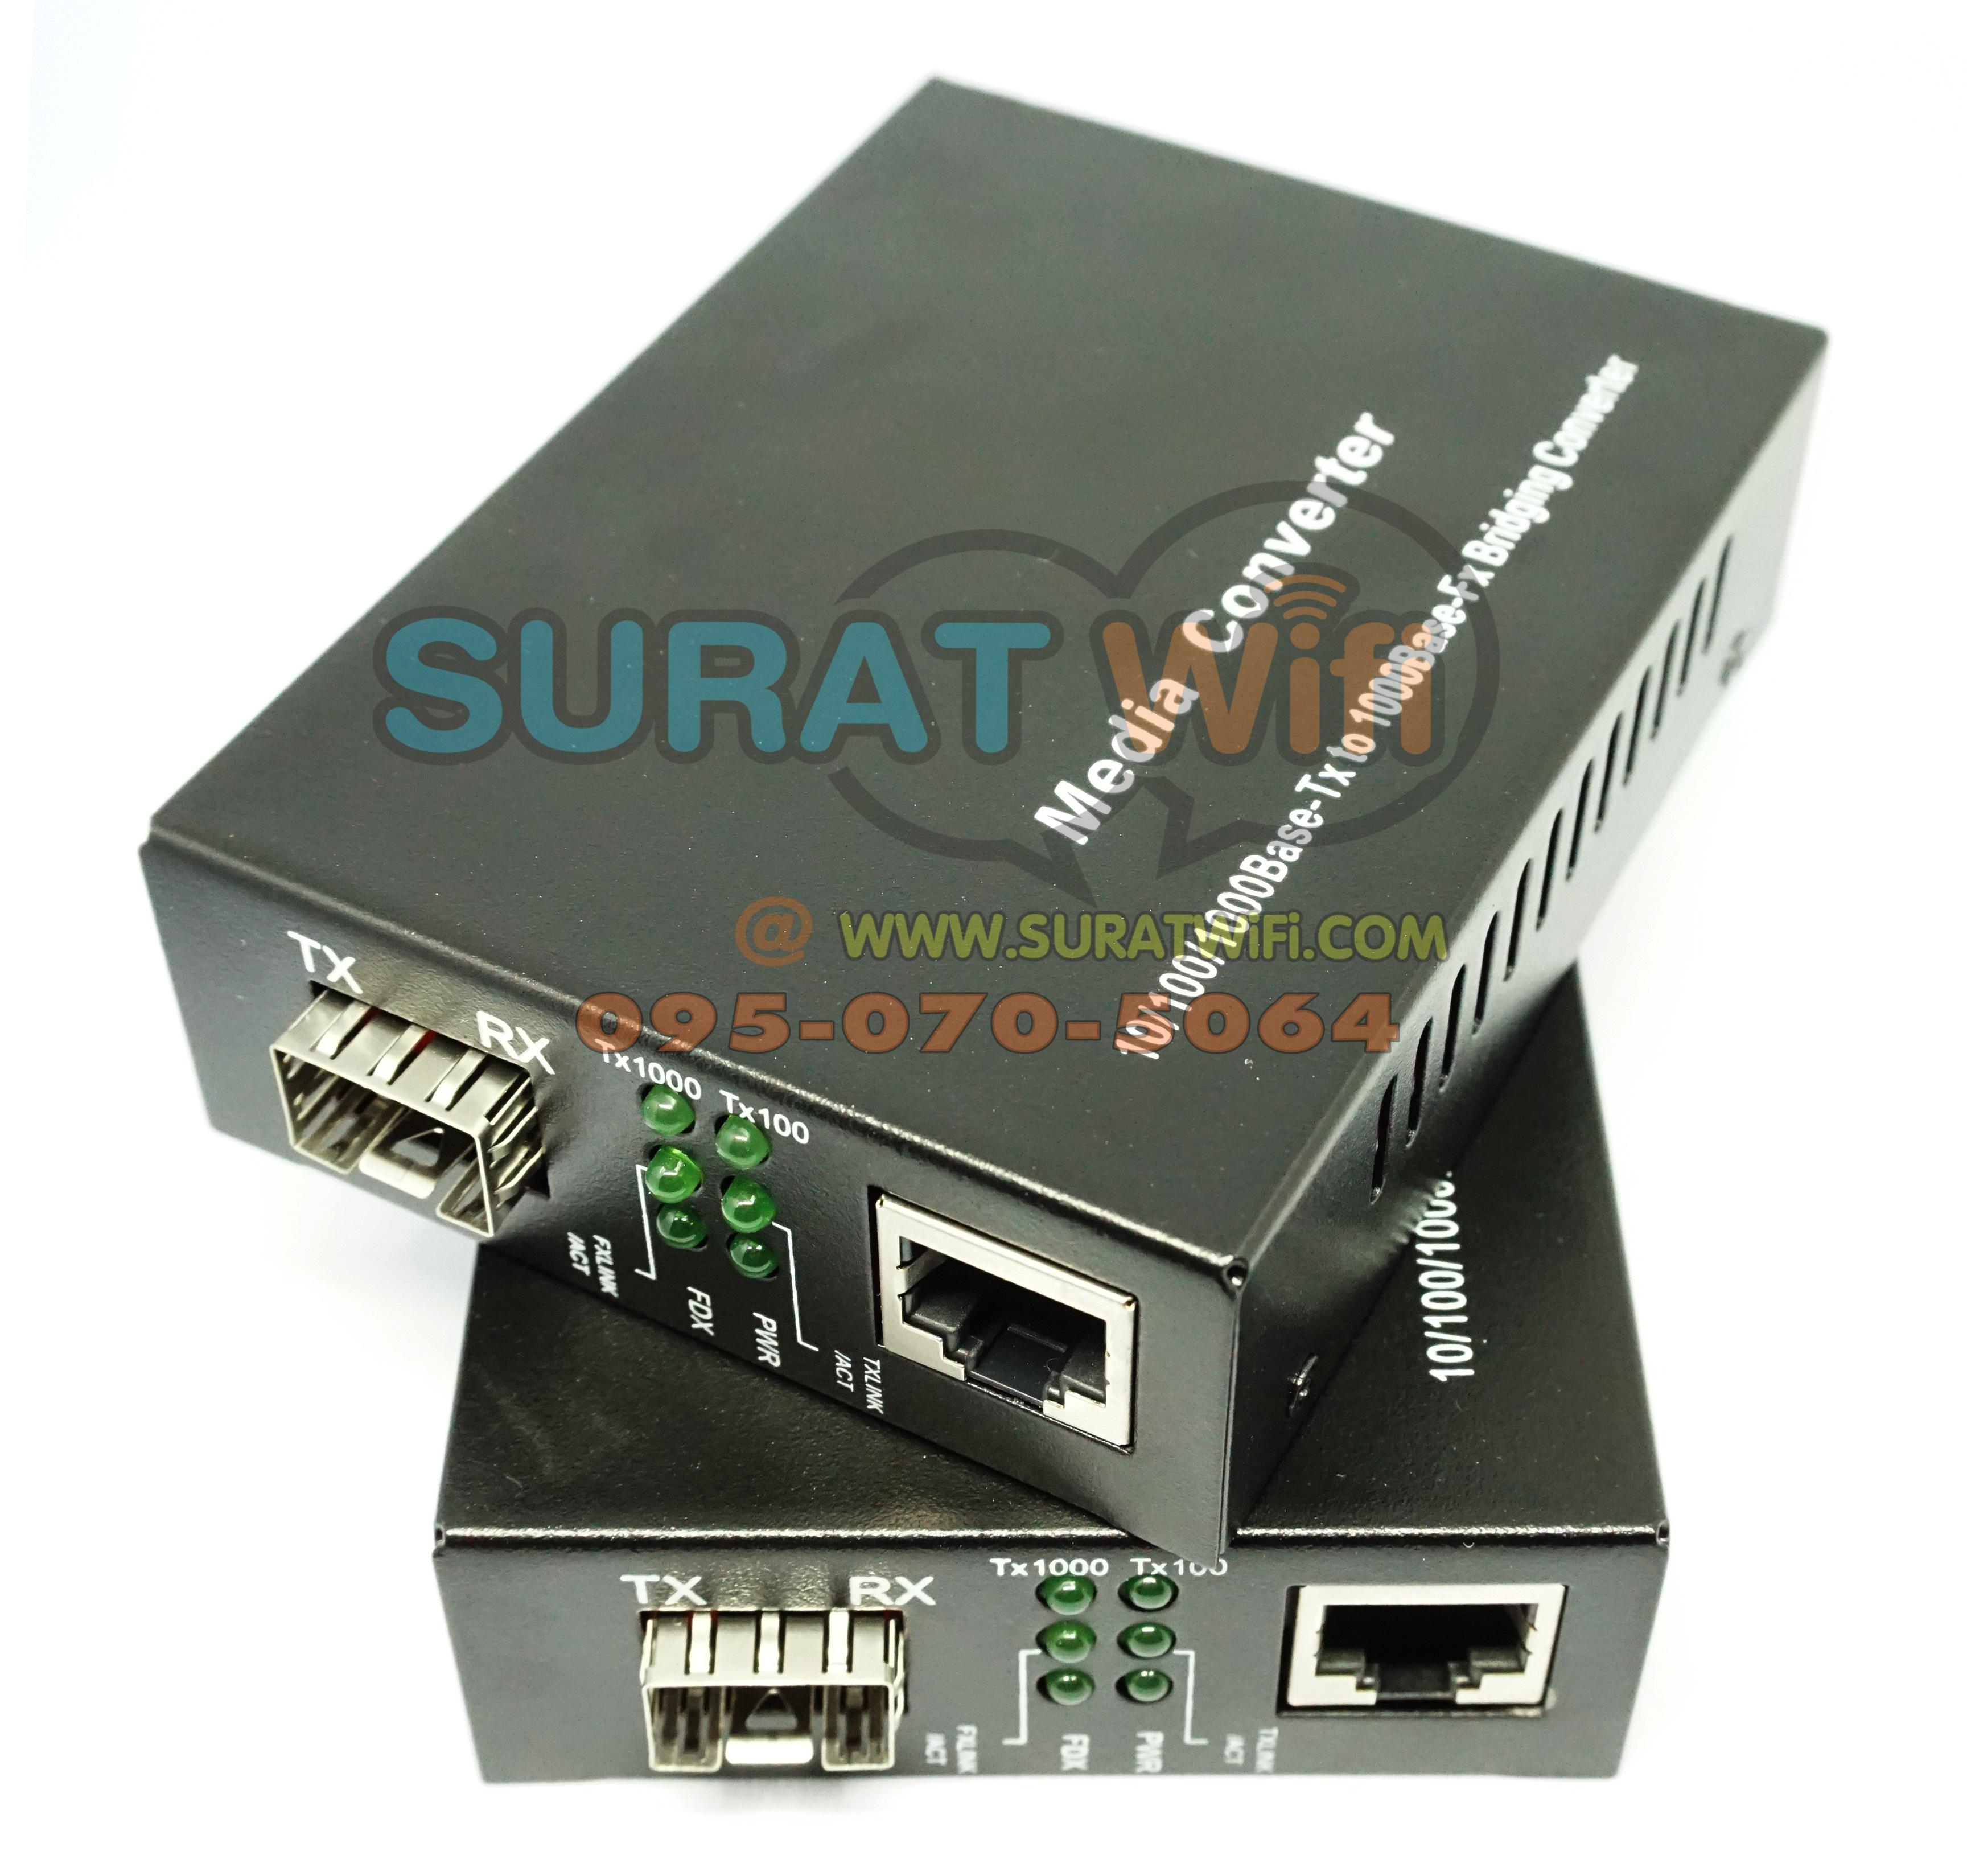 SFP Media Converter 100/1000Mbps